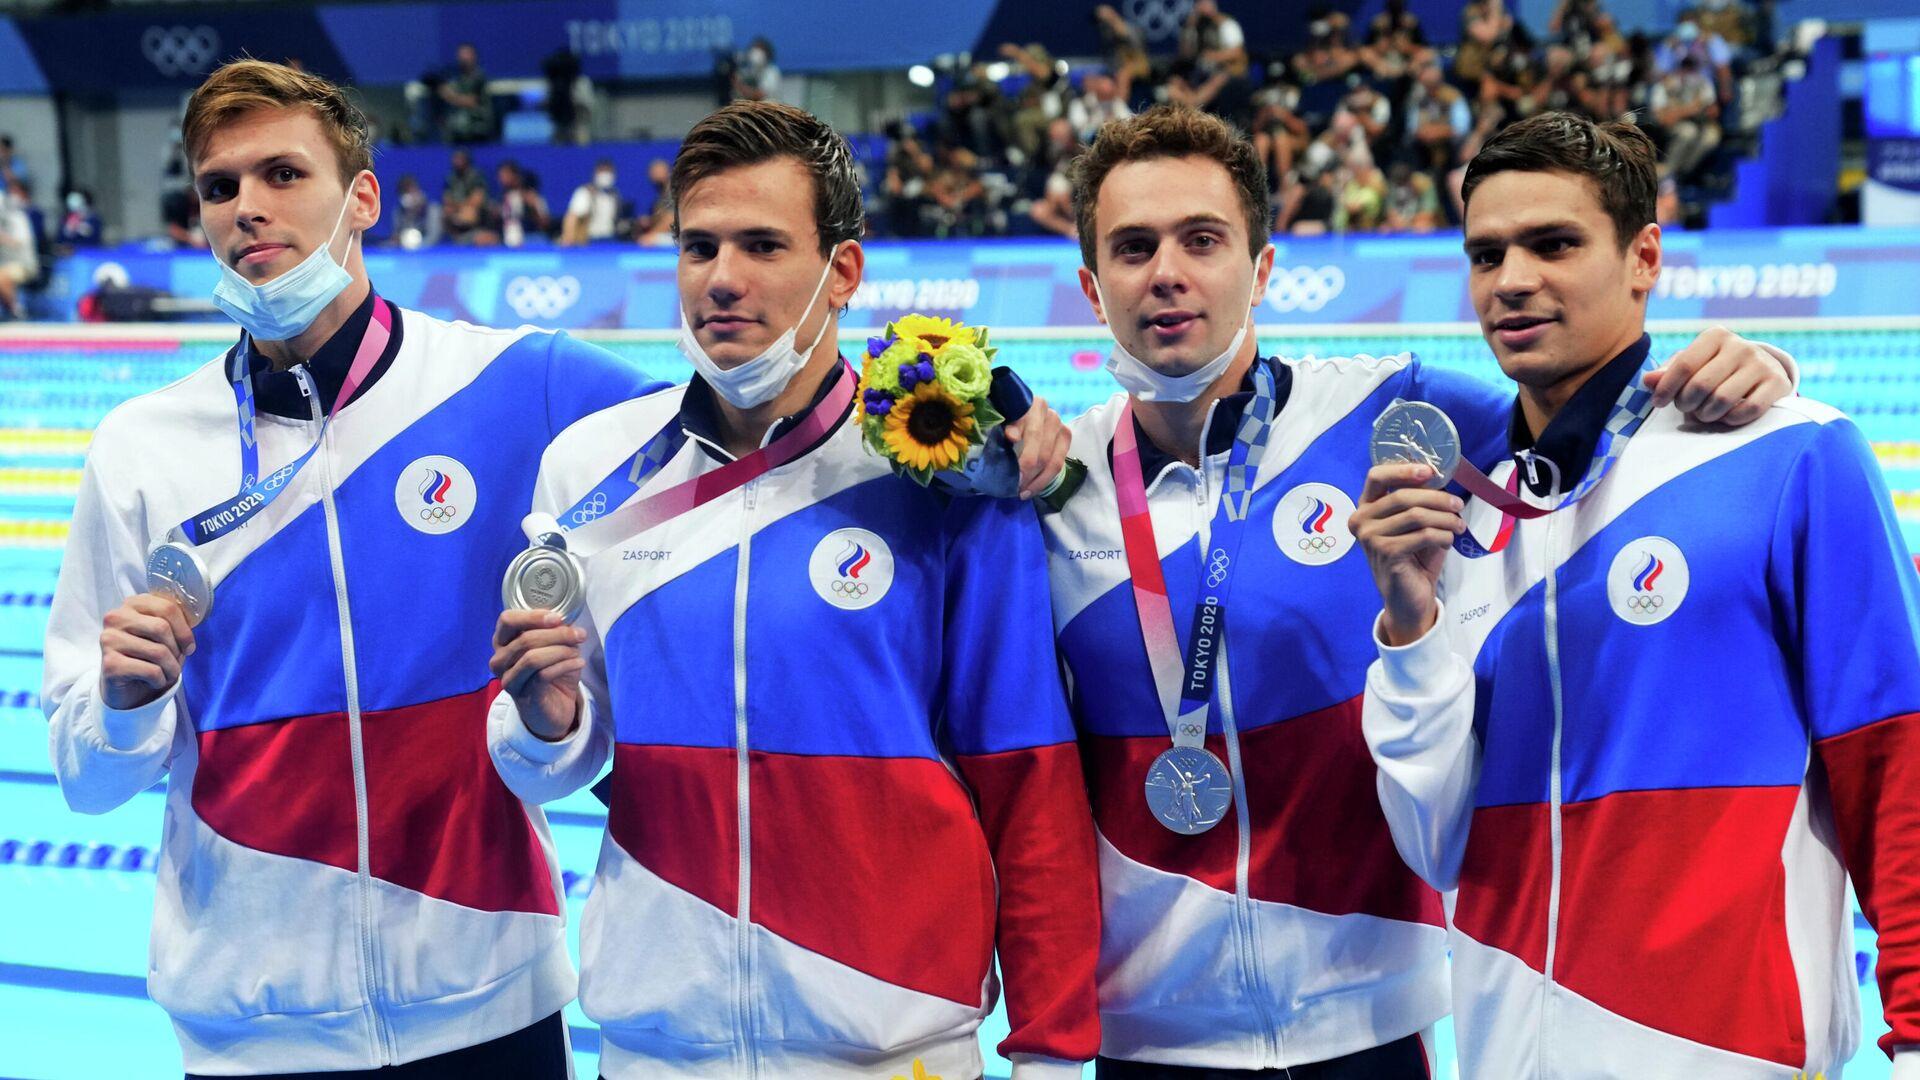 Российские пловцы на церемонии награждения олимпийскими медалями - РИА Новости, 1920, 28.07.2021